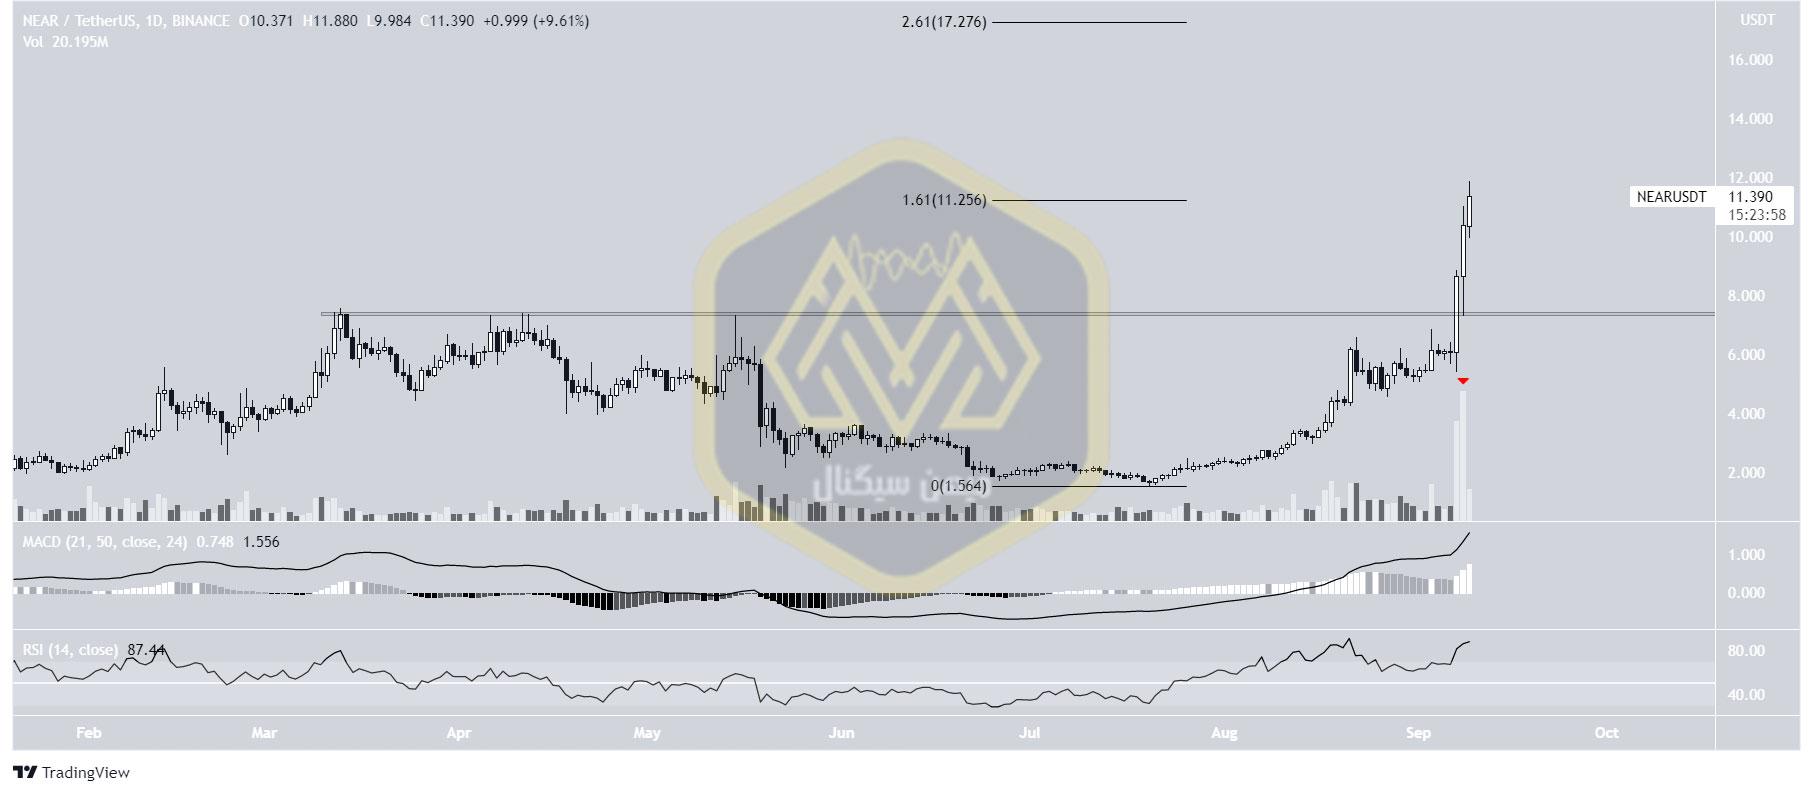 نمودار یکروزه قیمت نیر / تتر